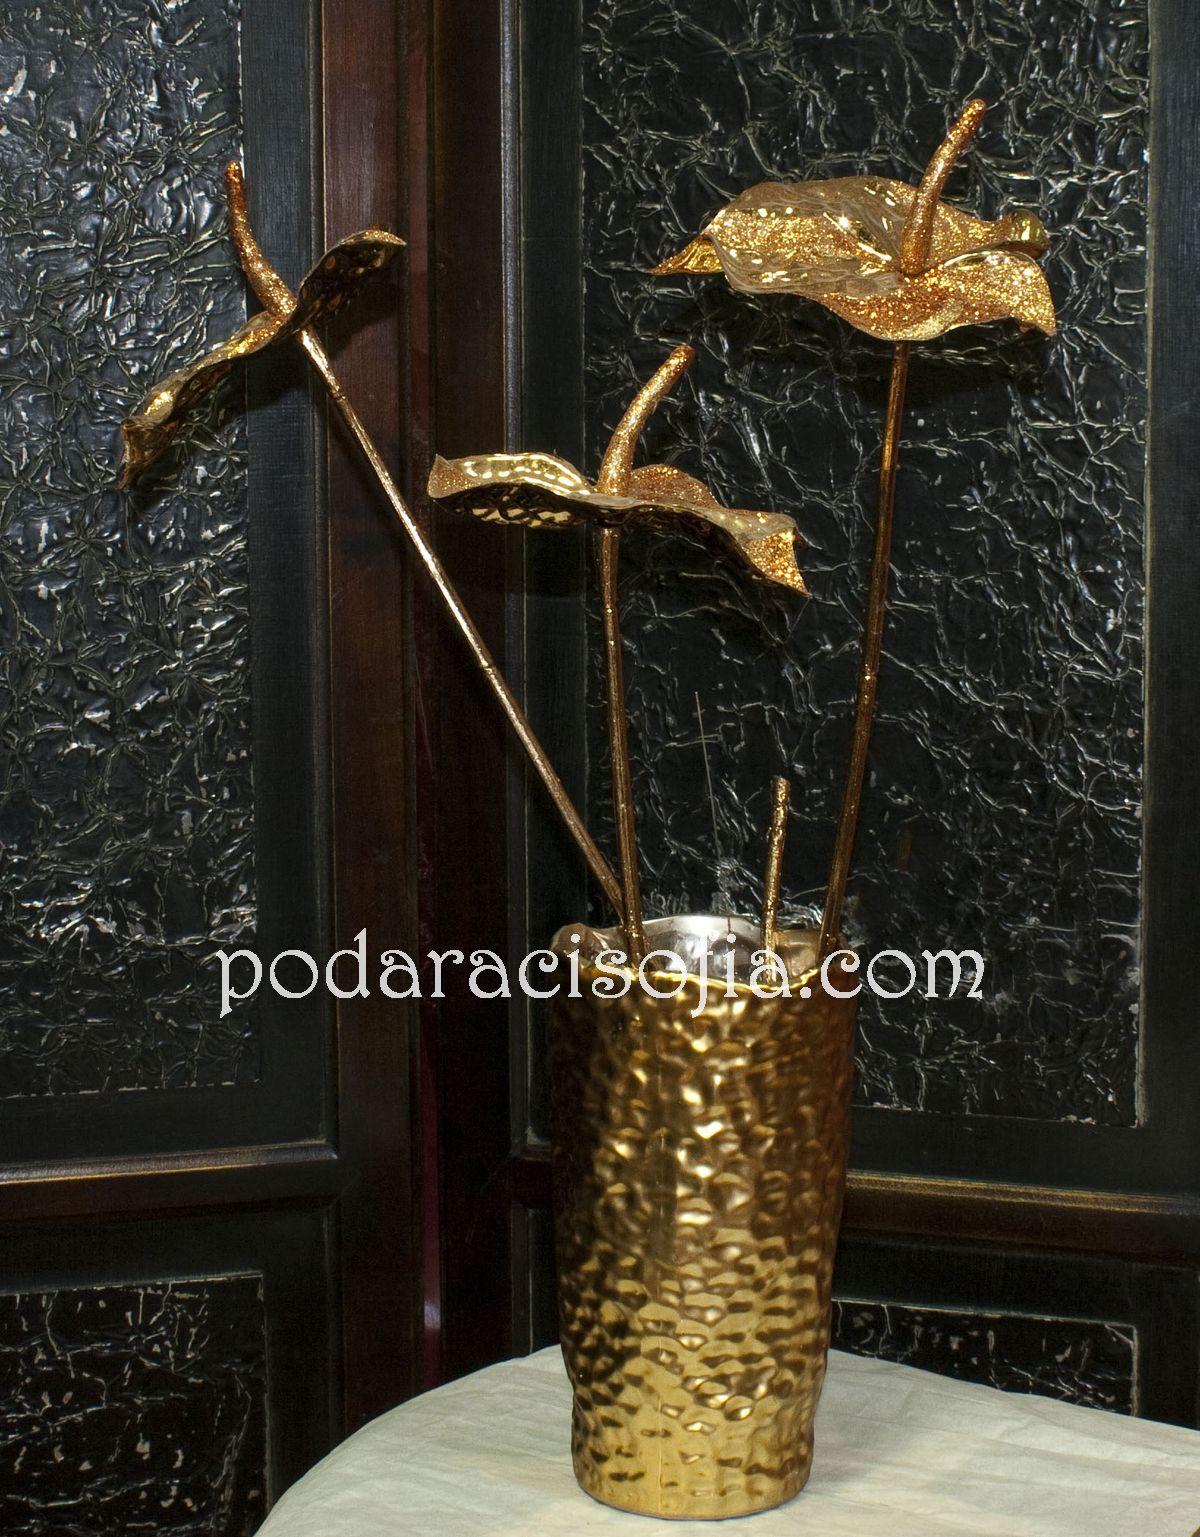 Златна ваза от керамика с красиви цветя в съшия стил.